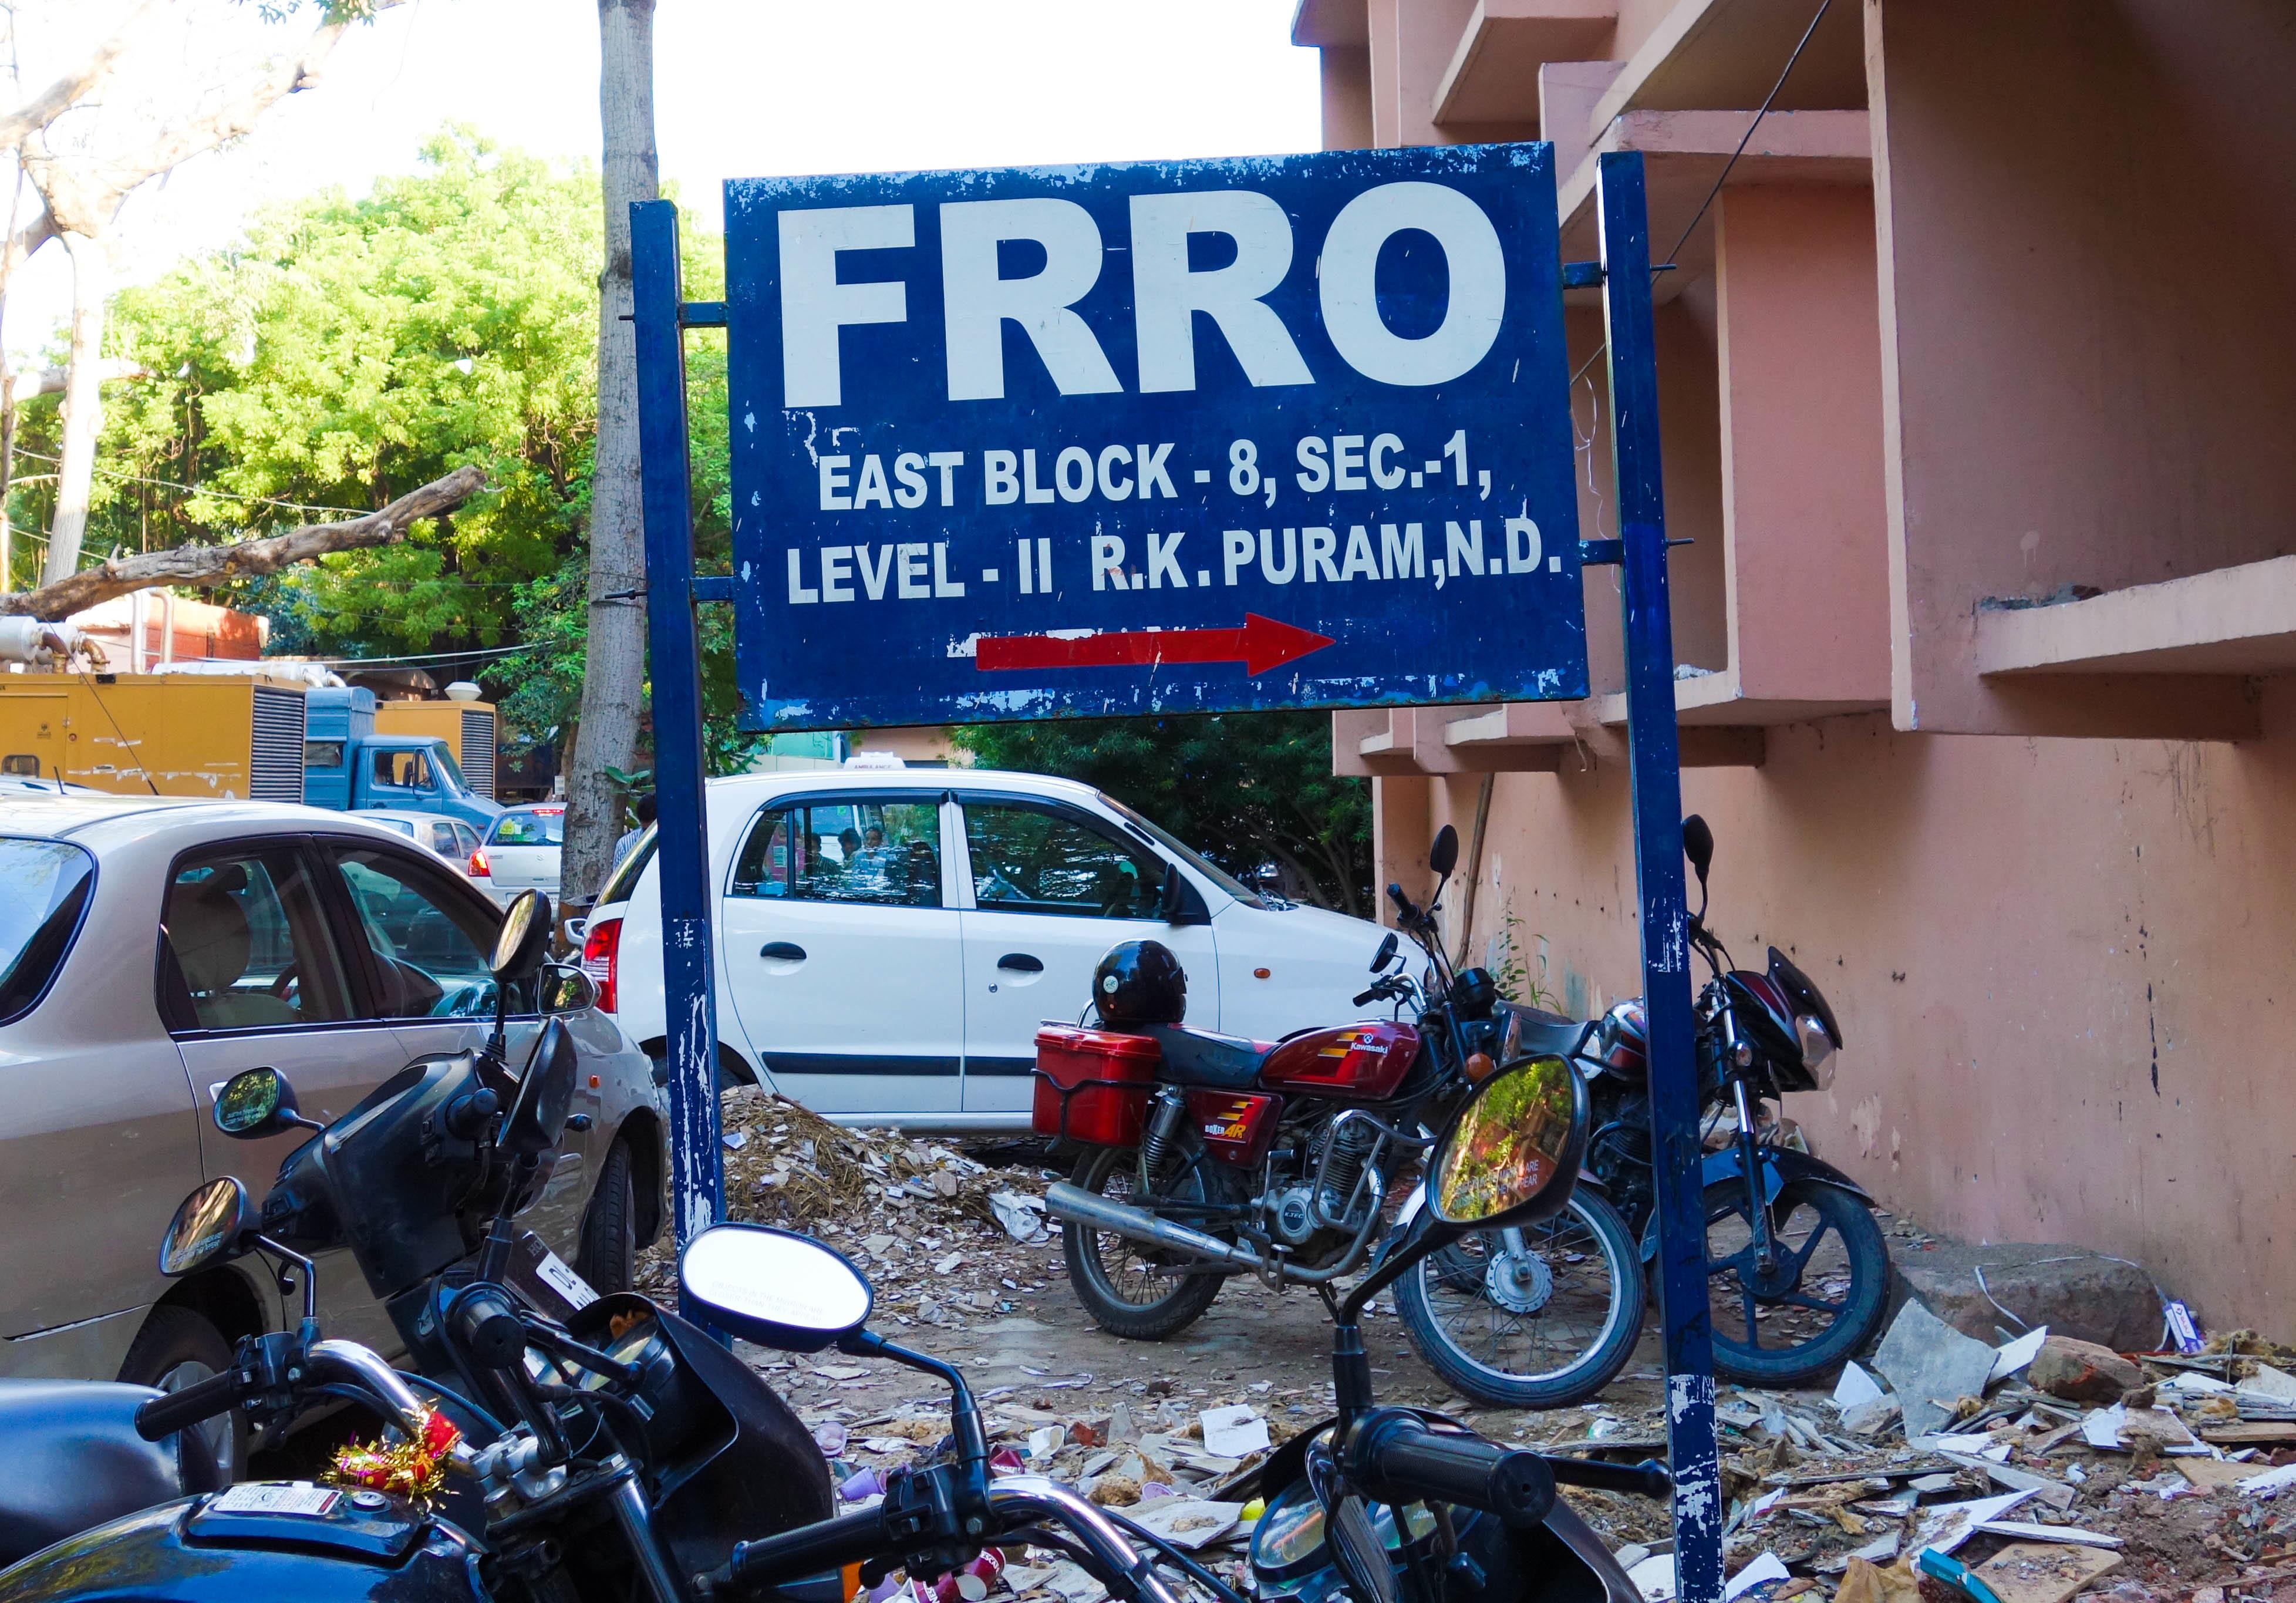 FRRO sign